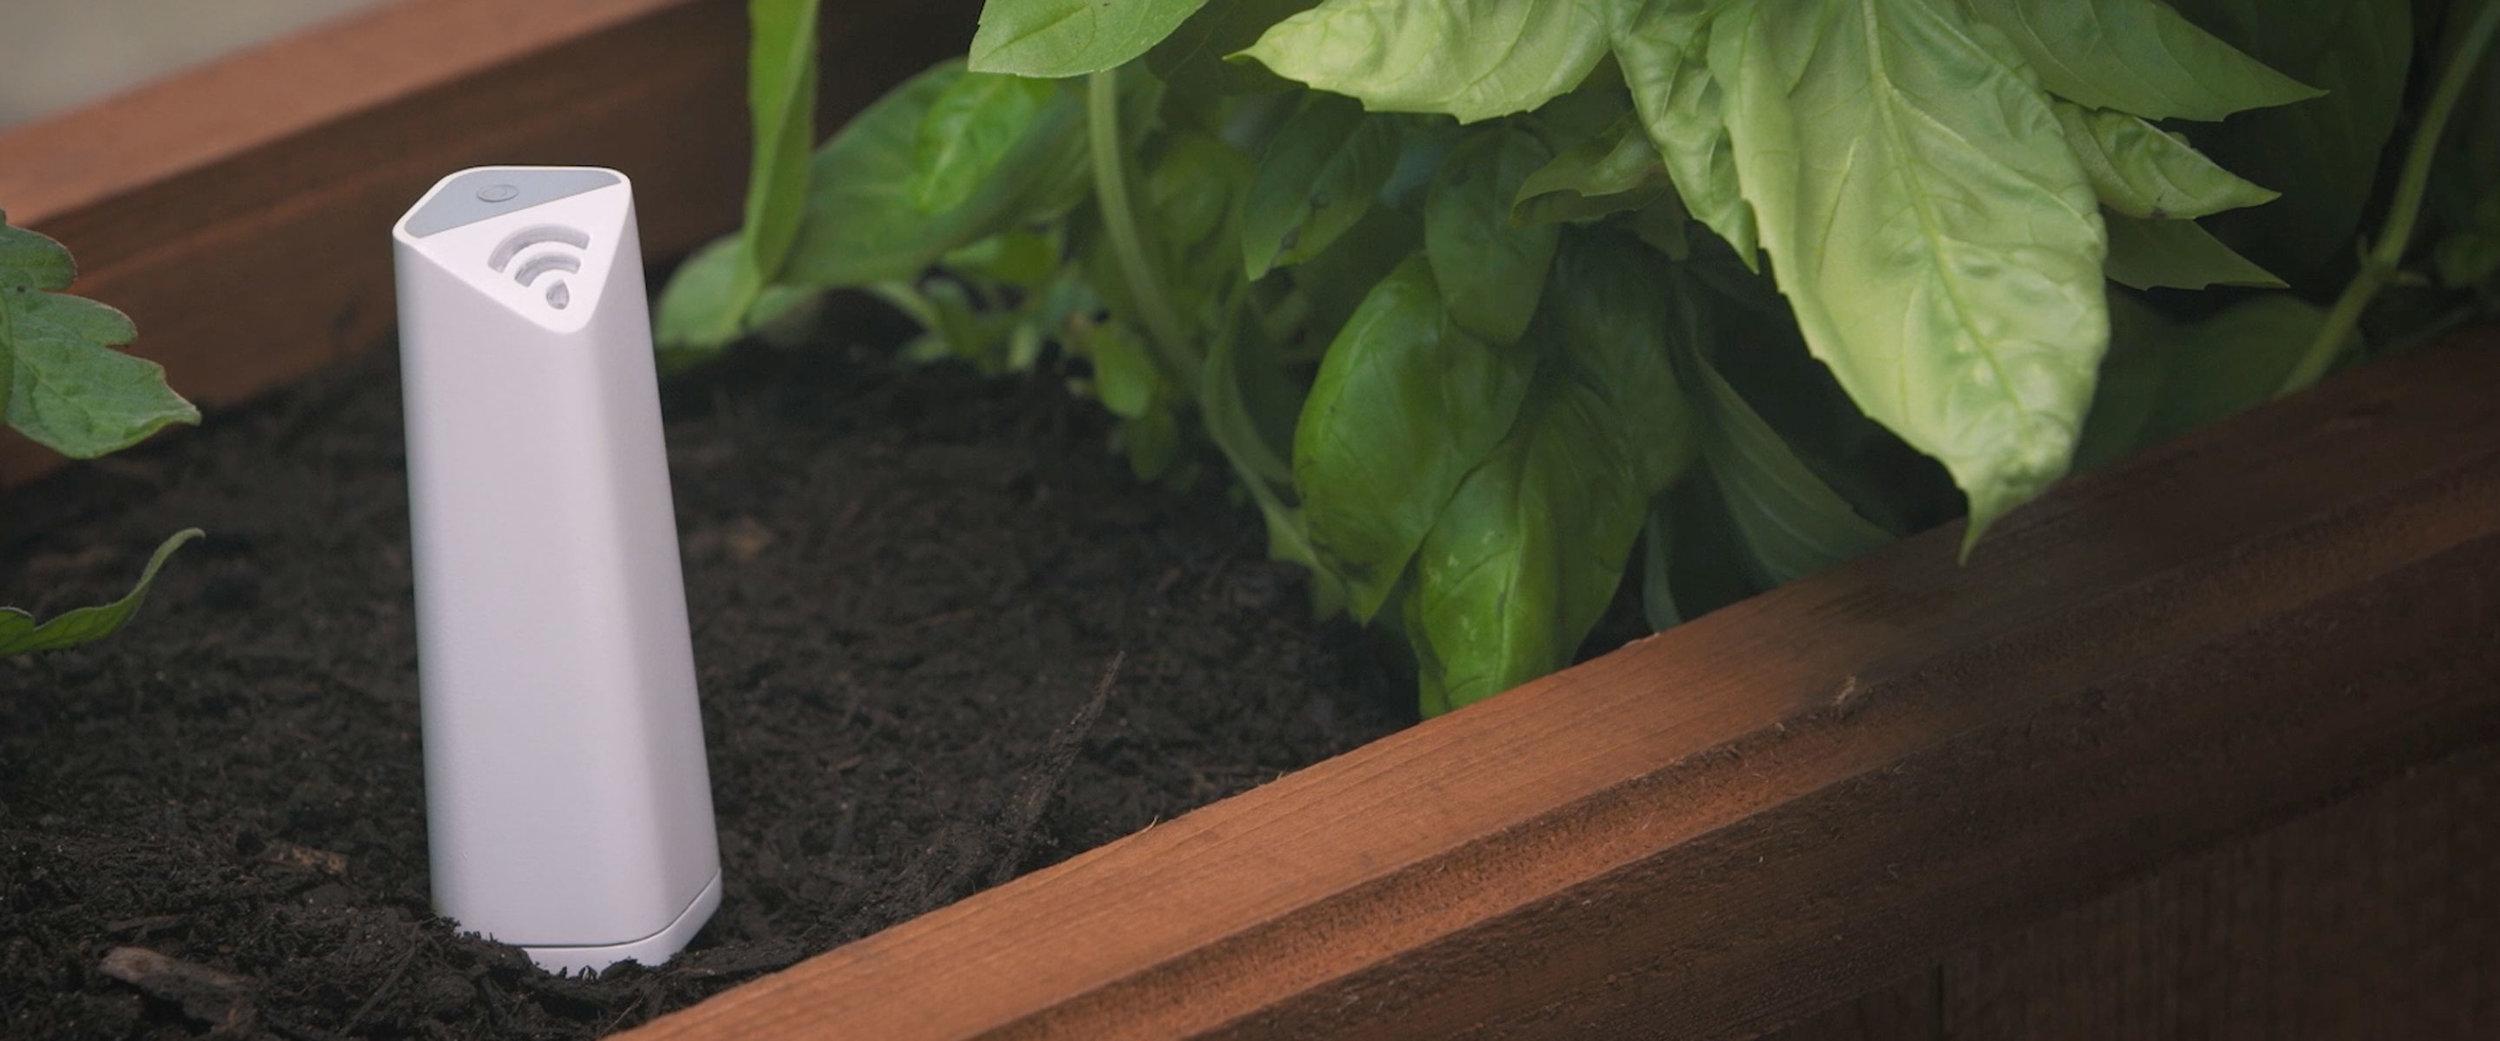 PlantLink_plant-sensor-garden_far_1.jpg